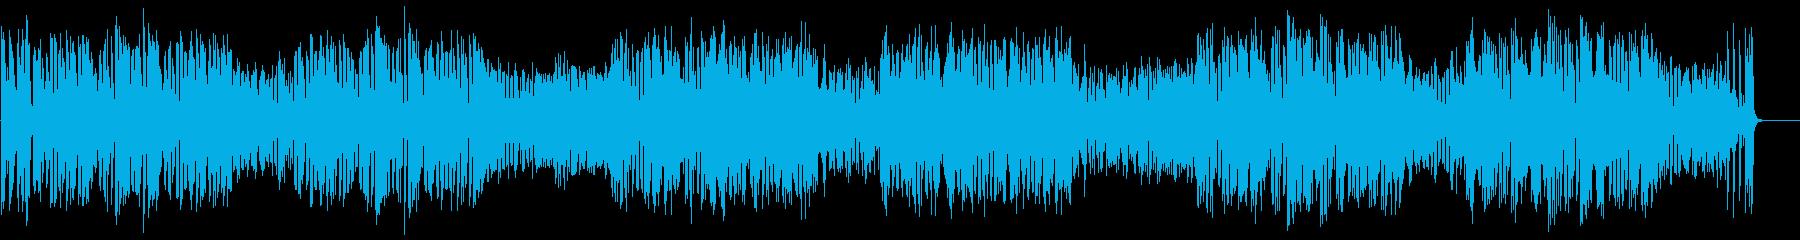 テンポ速めの「むすんでひらいて」の再生済みの波形